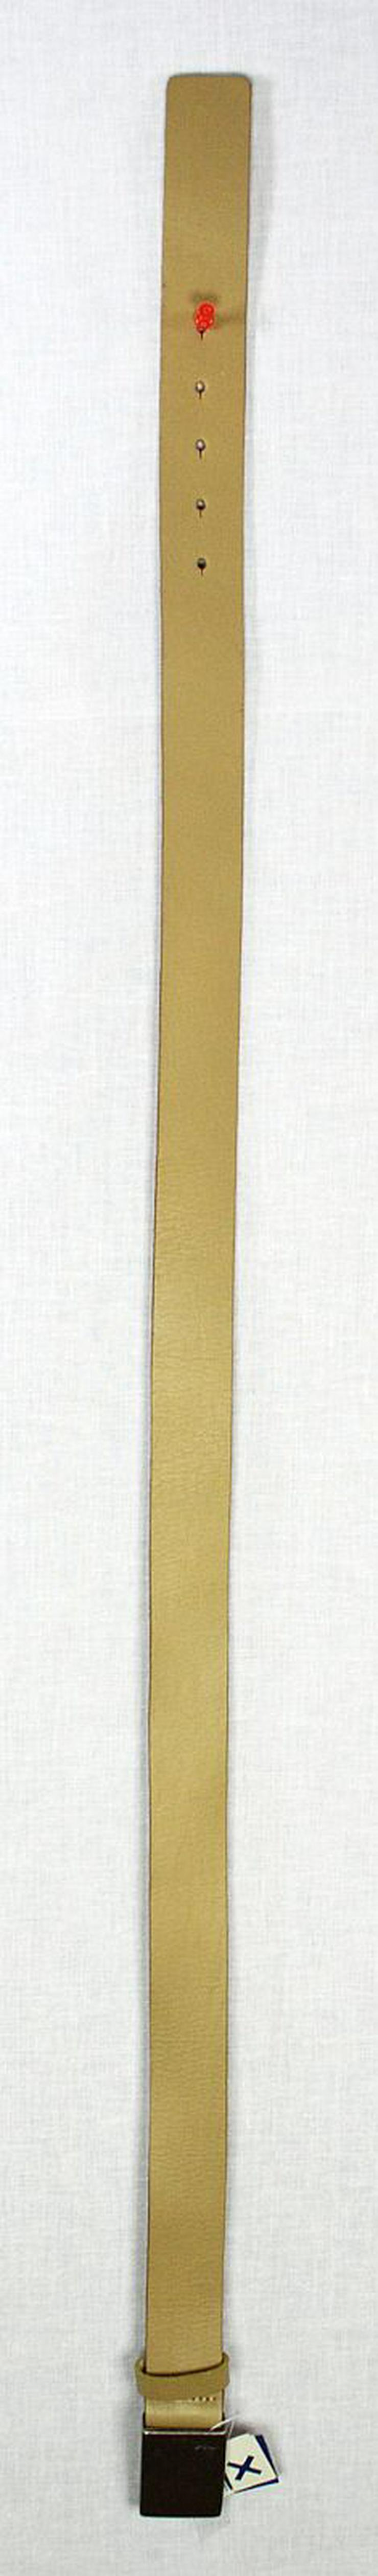 Mexx Gürtel von 90 cm bis 100 cm Marken Gürtel 49111501 - Gürtel & Hosenträger - Bild 1